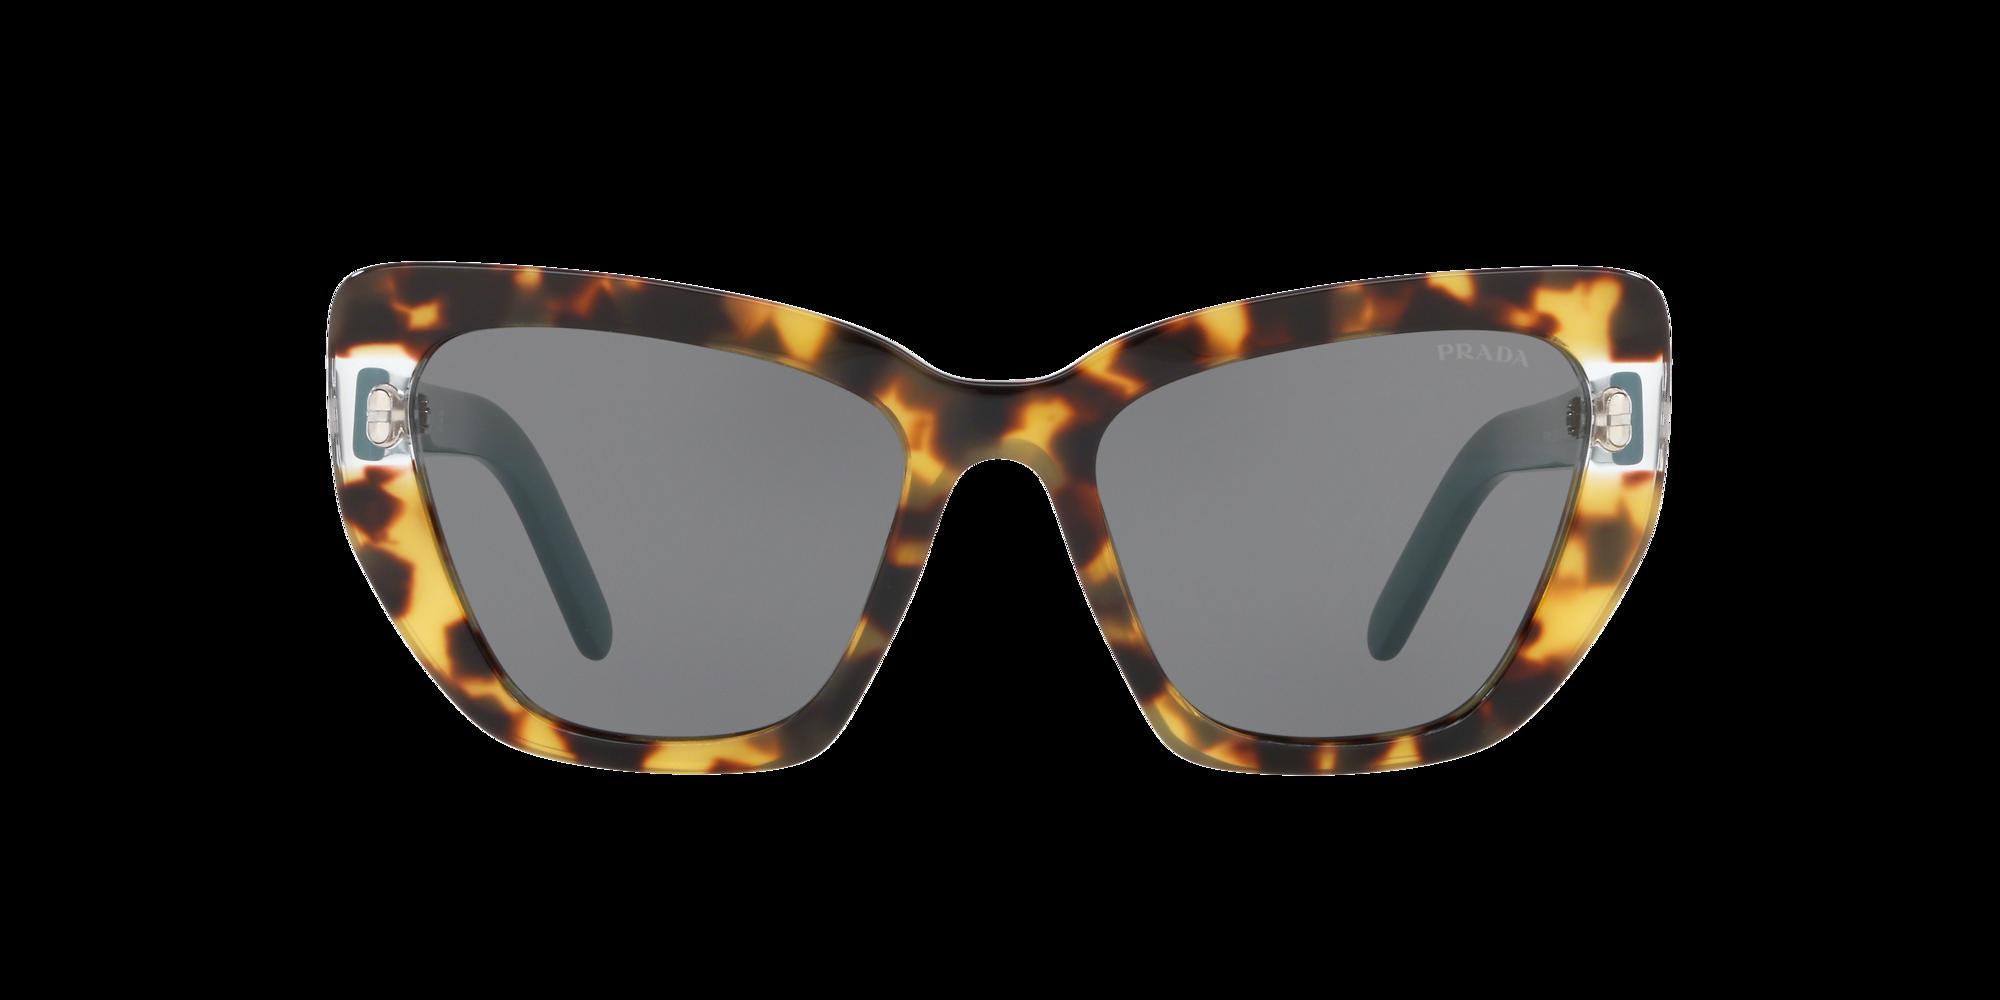 Imagen para PR 08VS 55 CATWALK de LensCrafters |  Espejuelos, espejuelos graduados en línea, gafas